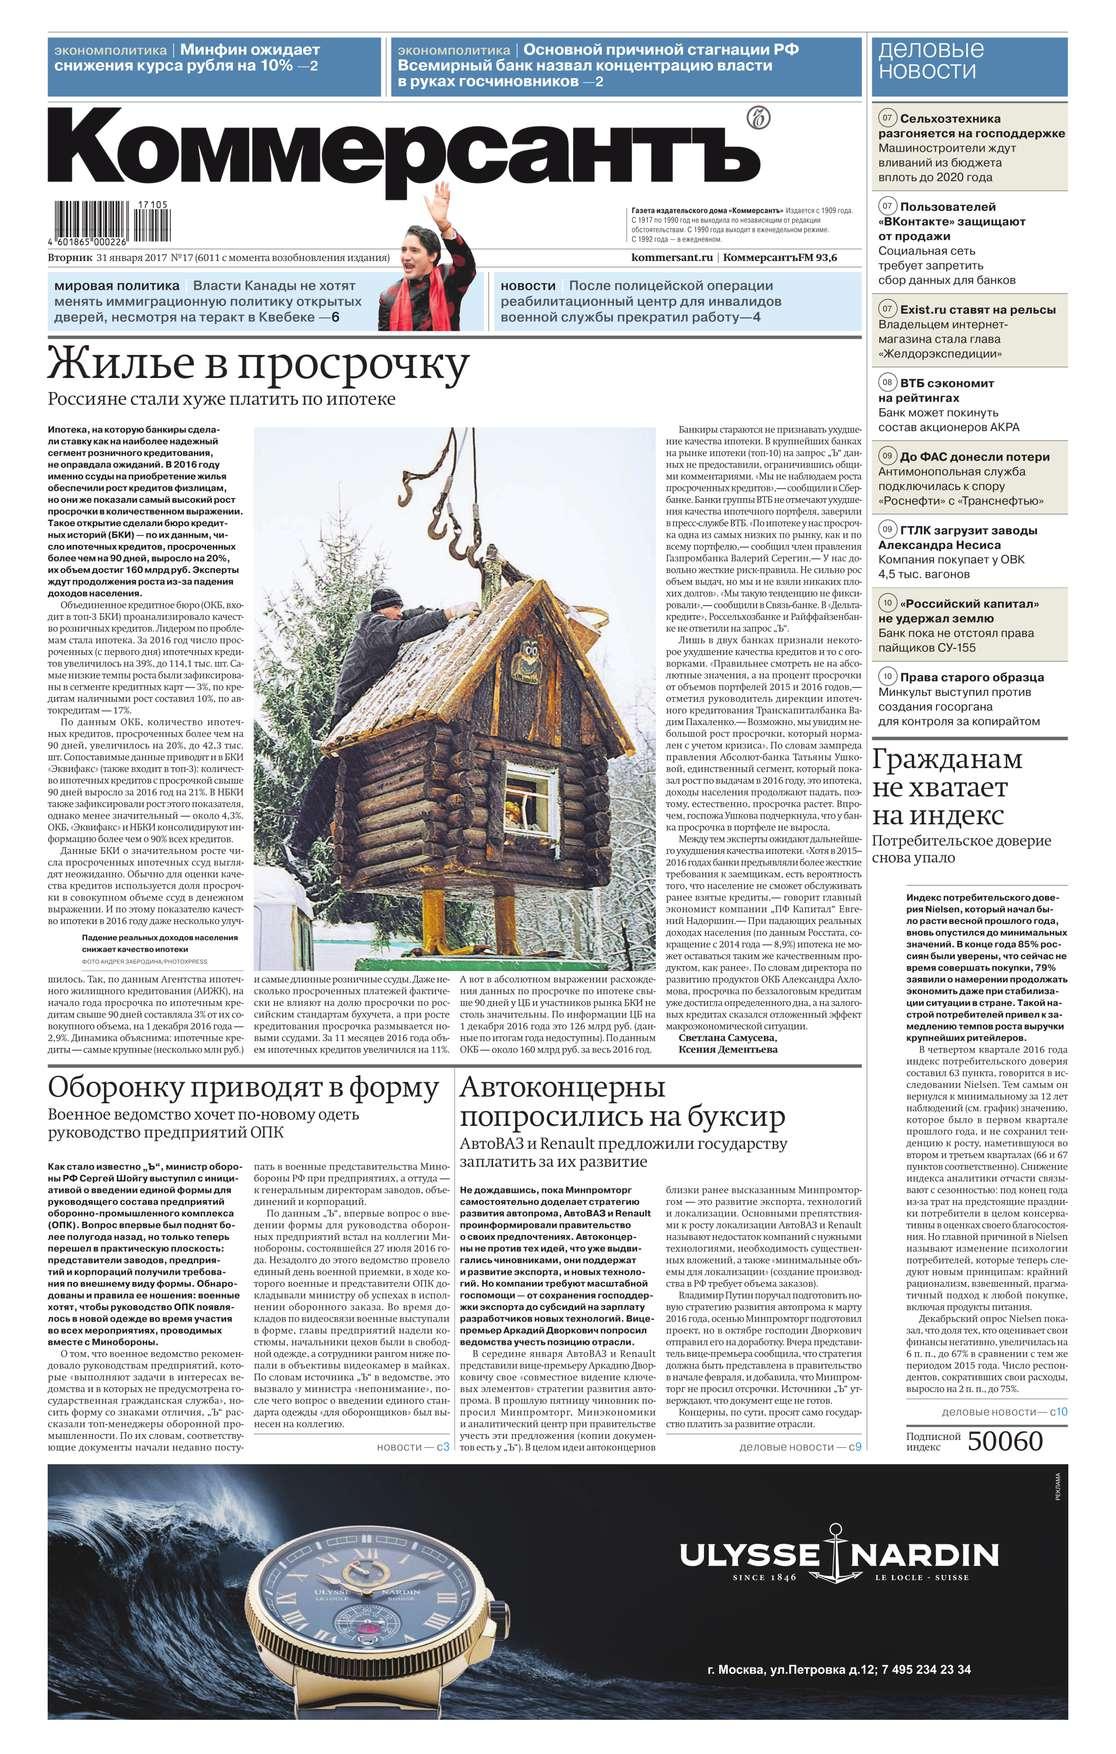 Редакция газеты Коммерсантъ (понедельник-пятница) Коммерсантъ (понедельник-пятница) 17-2017 цена